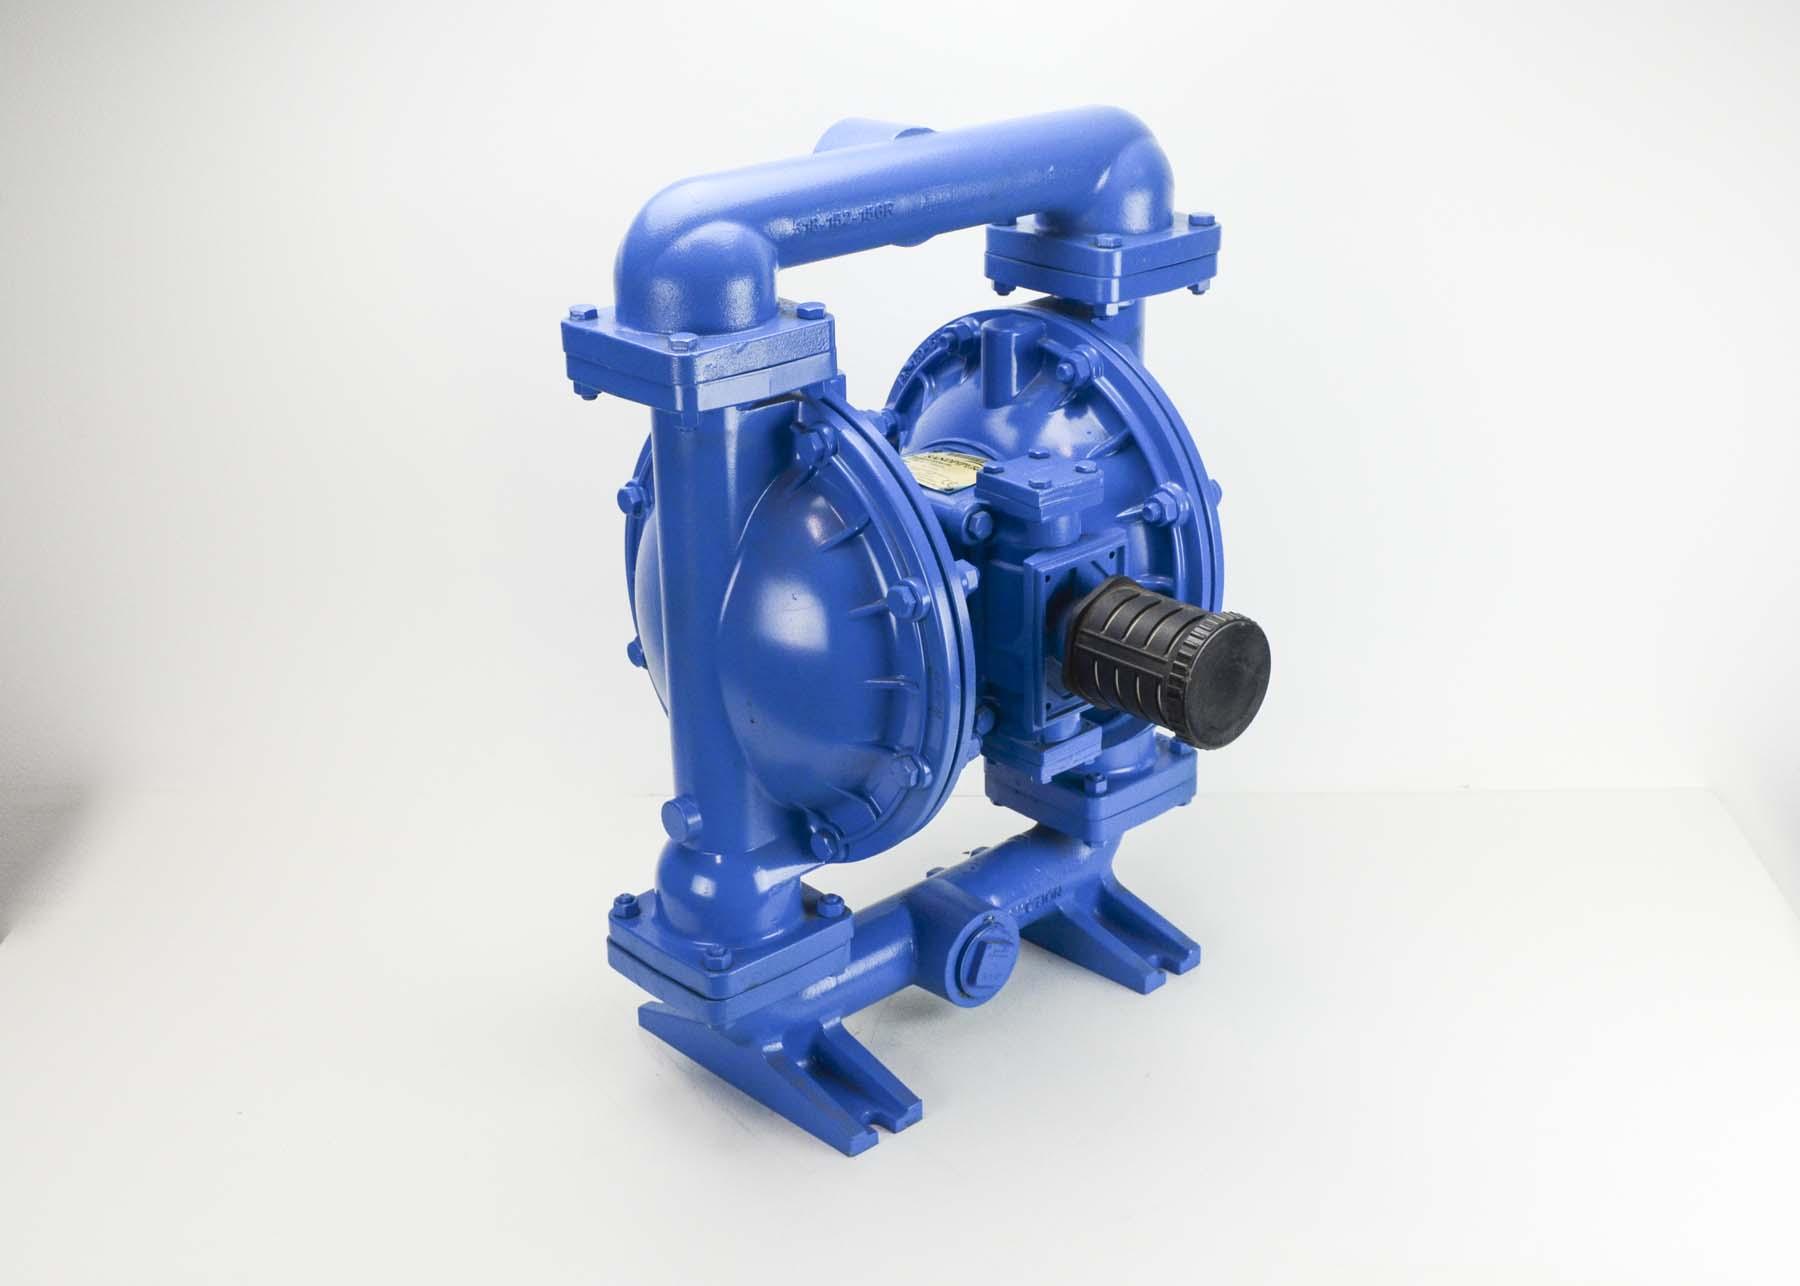 Sandpiper S15 Pump